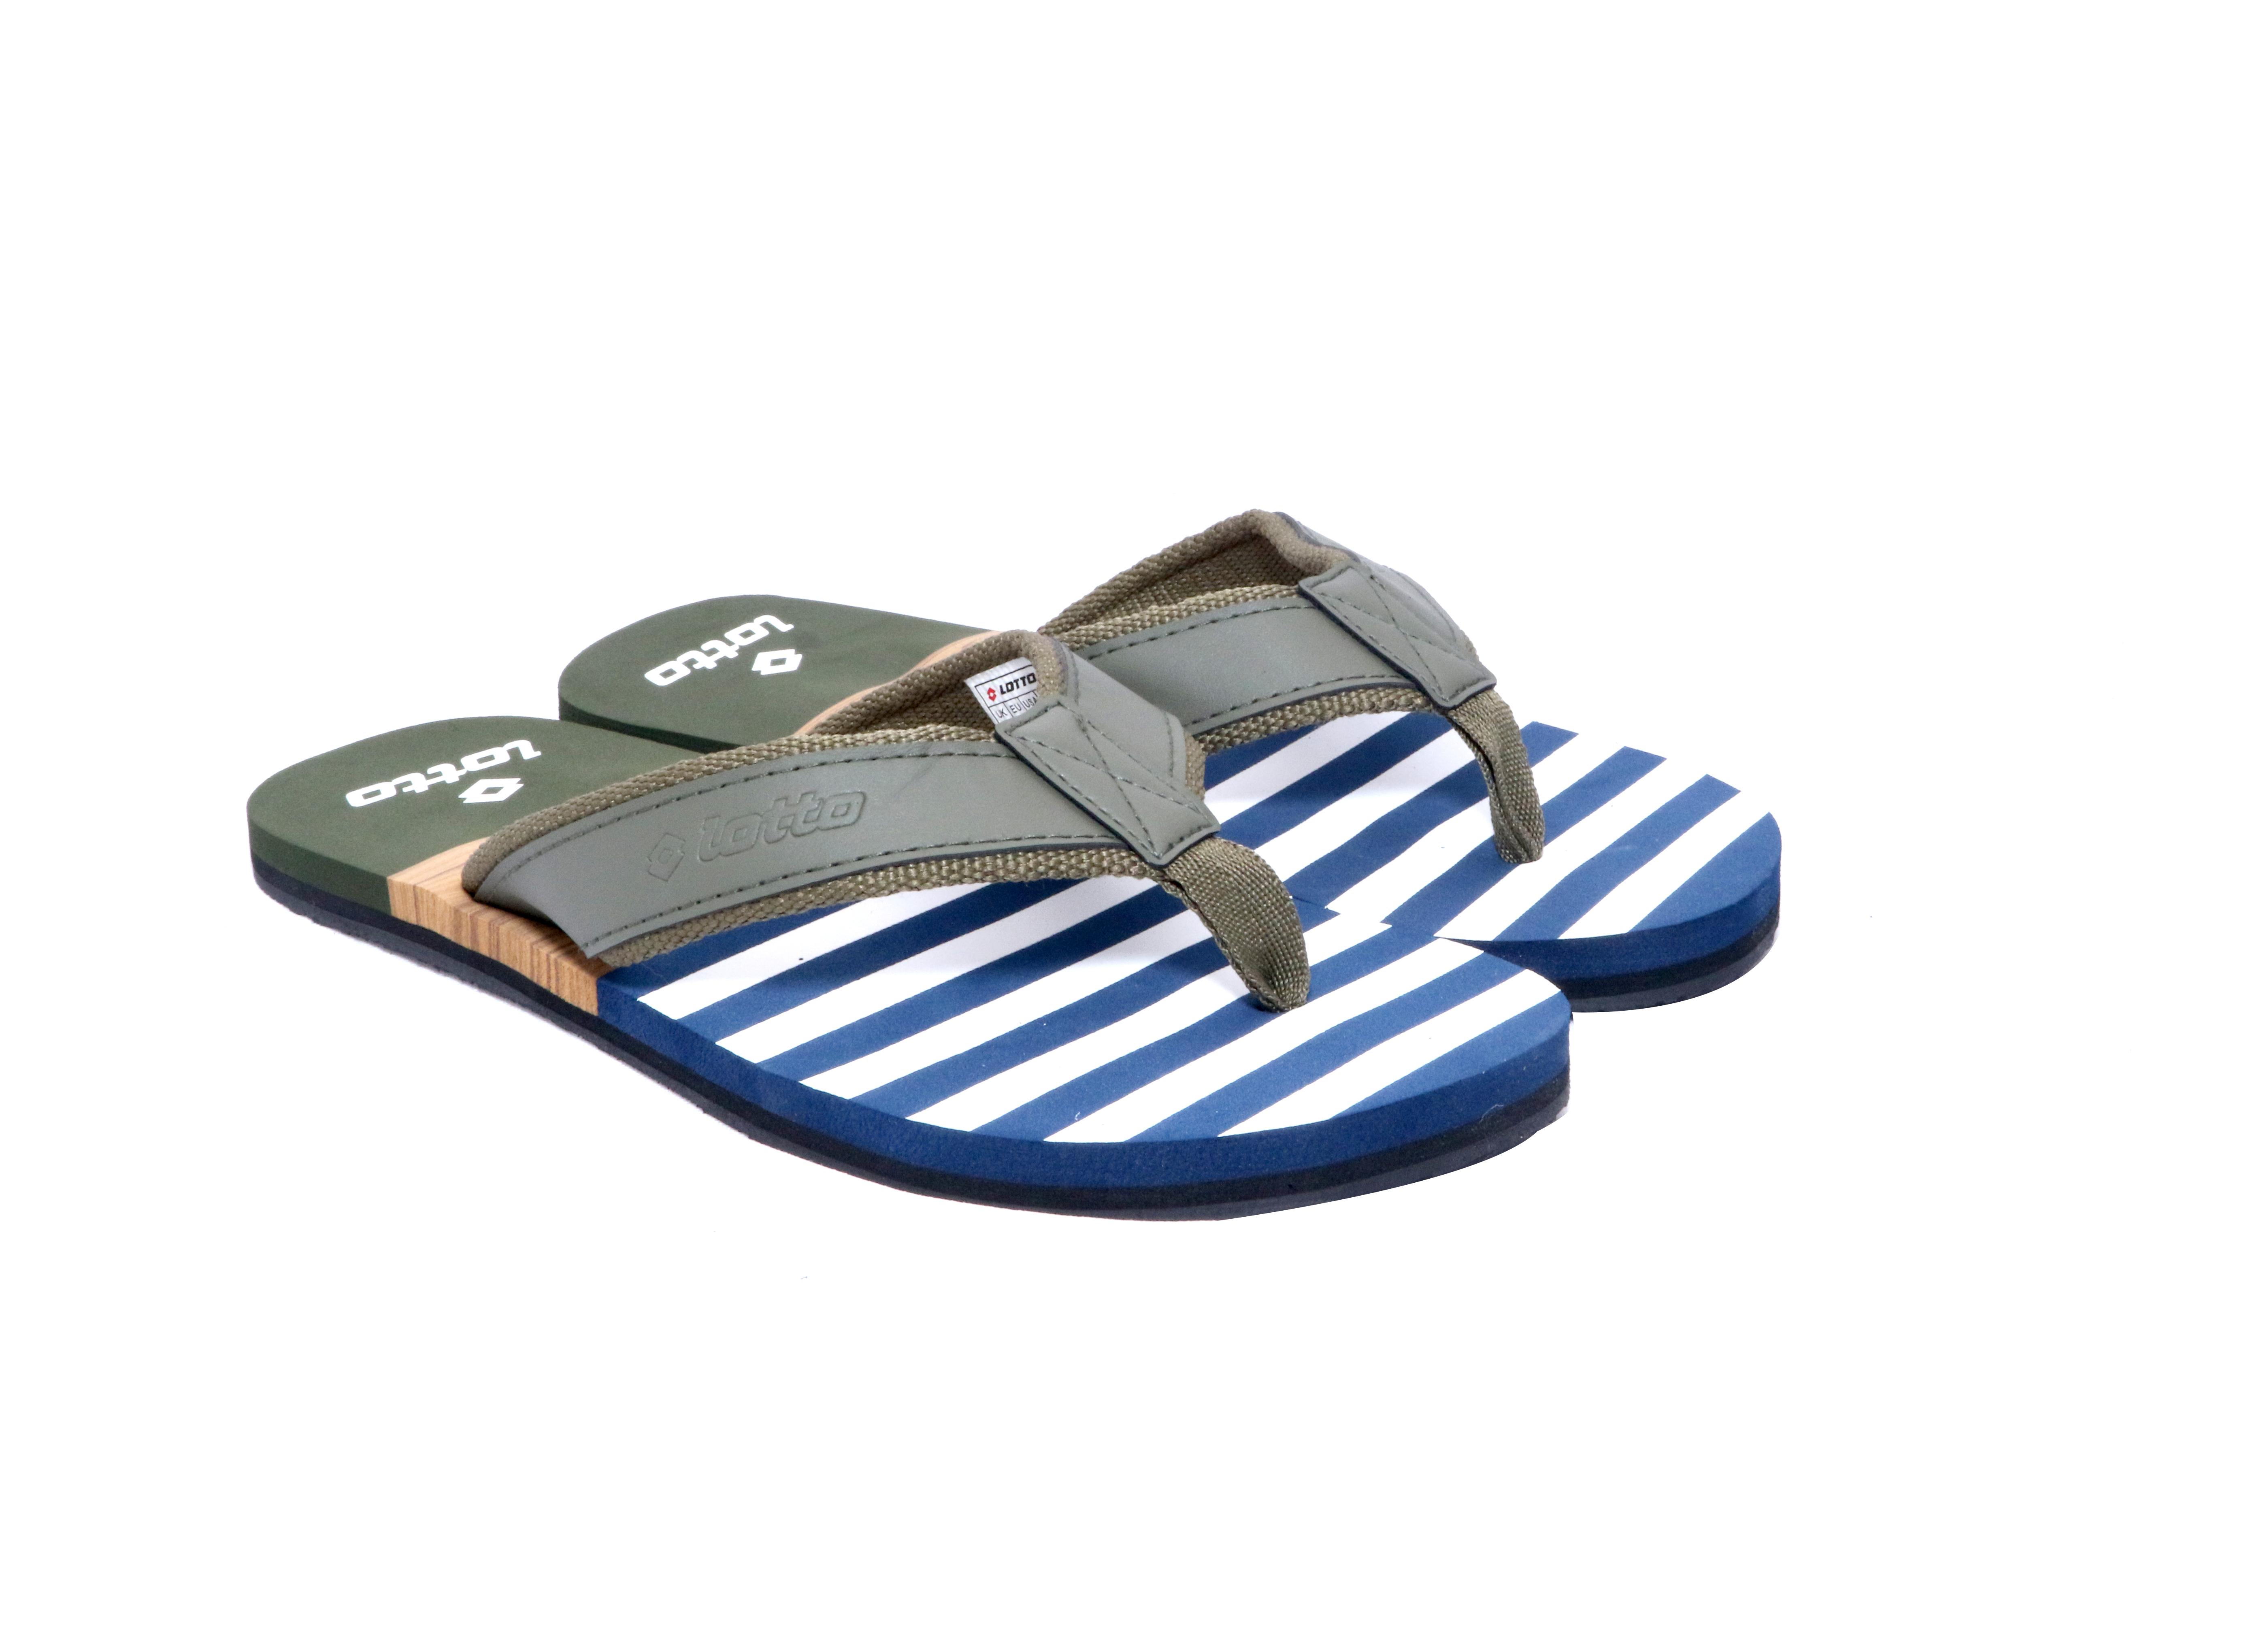 Lotto | Lotto Men's Dante Blue/Green Slippers